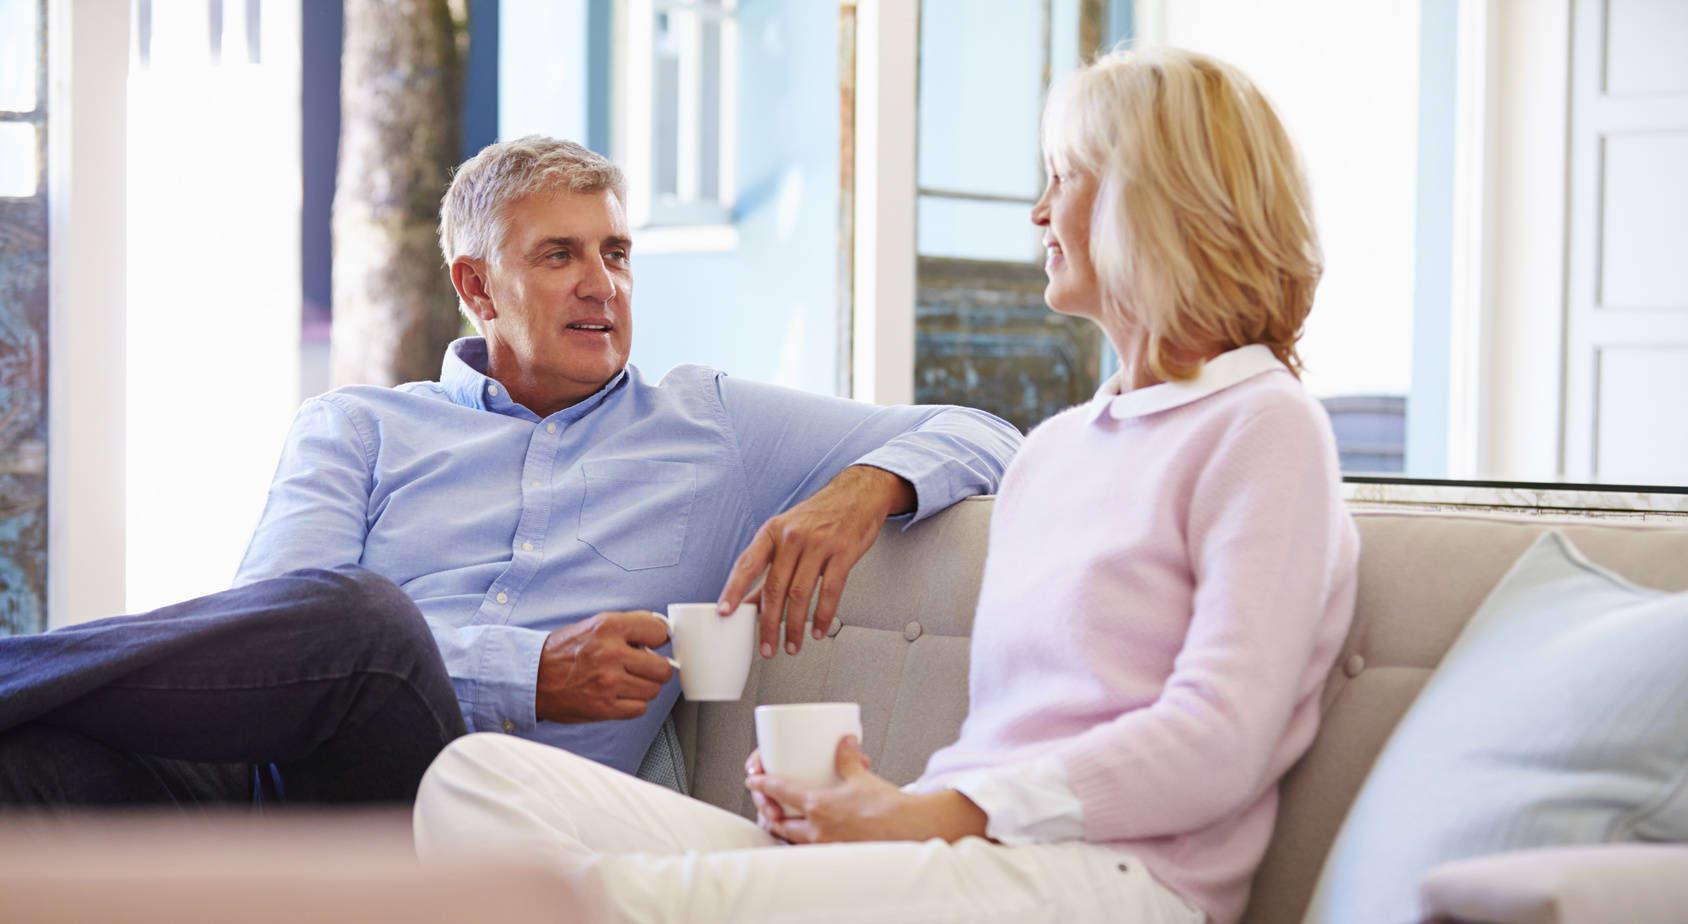 Gespräch nach trennung beziehung